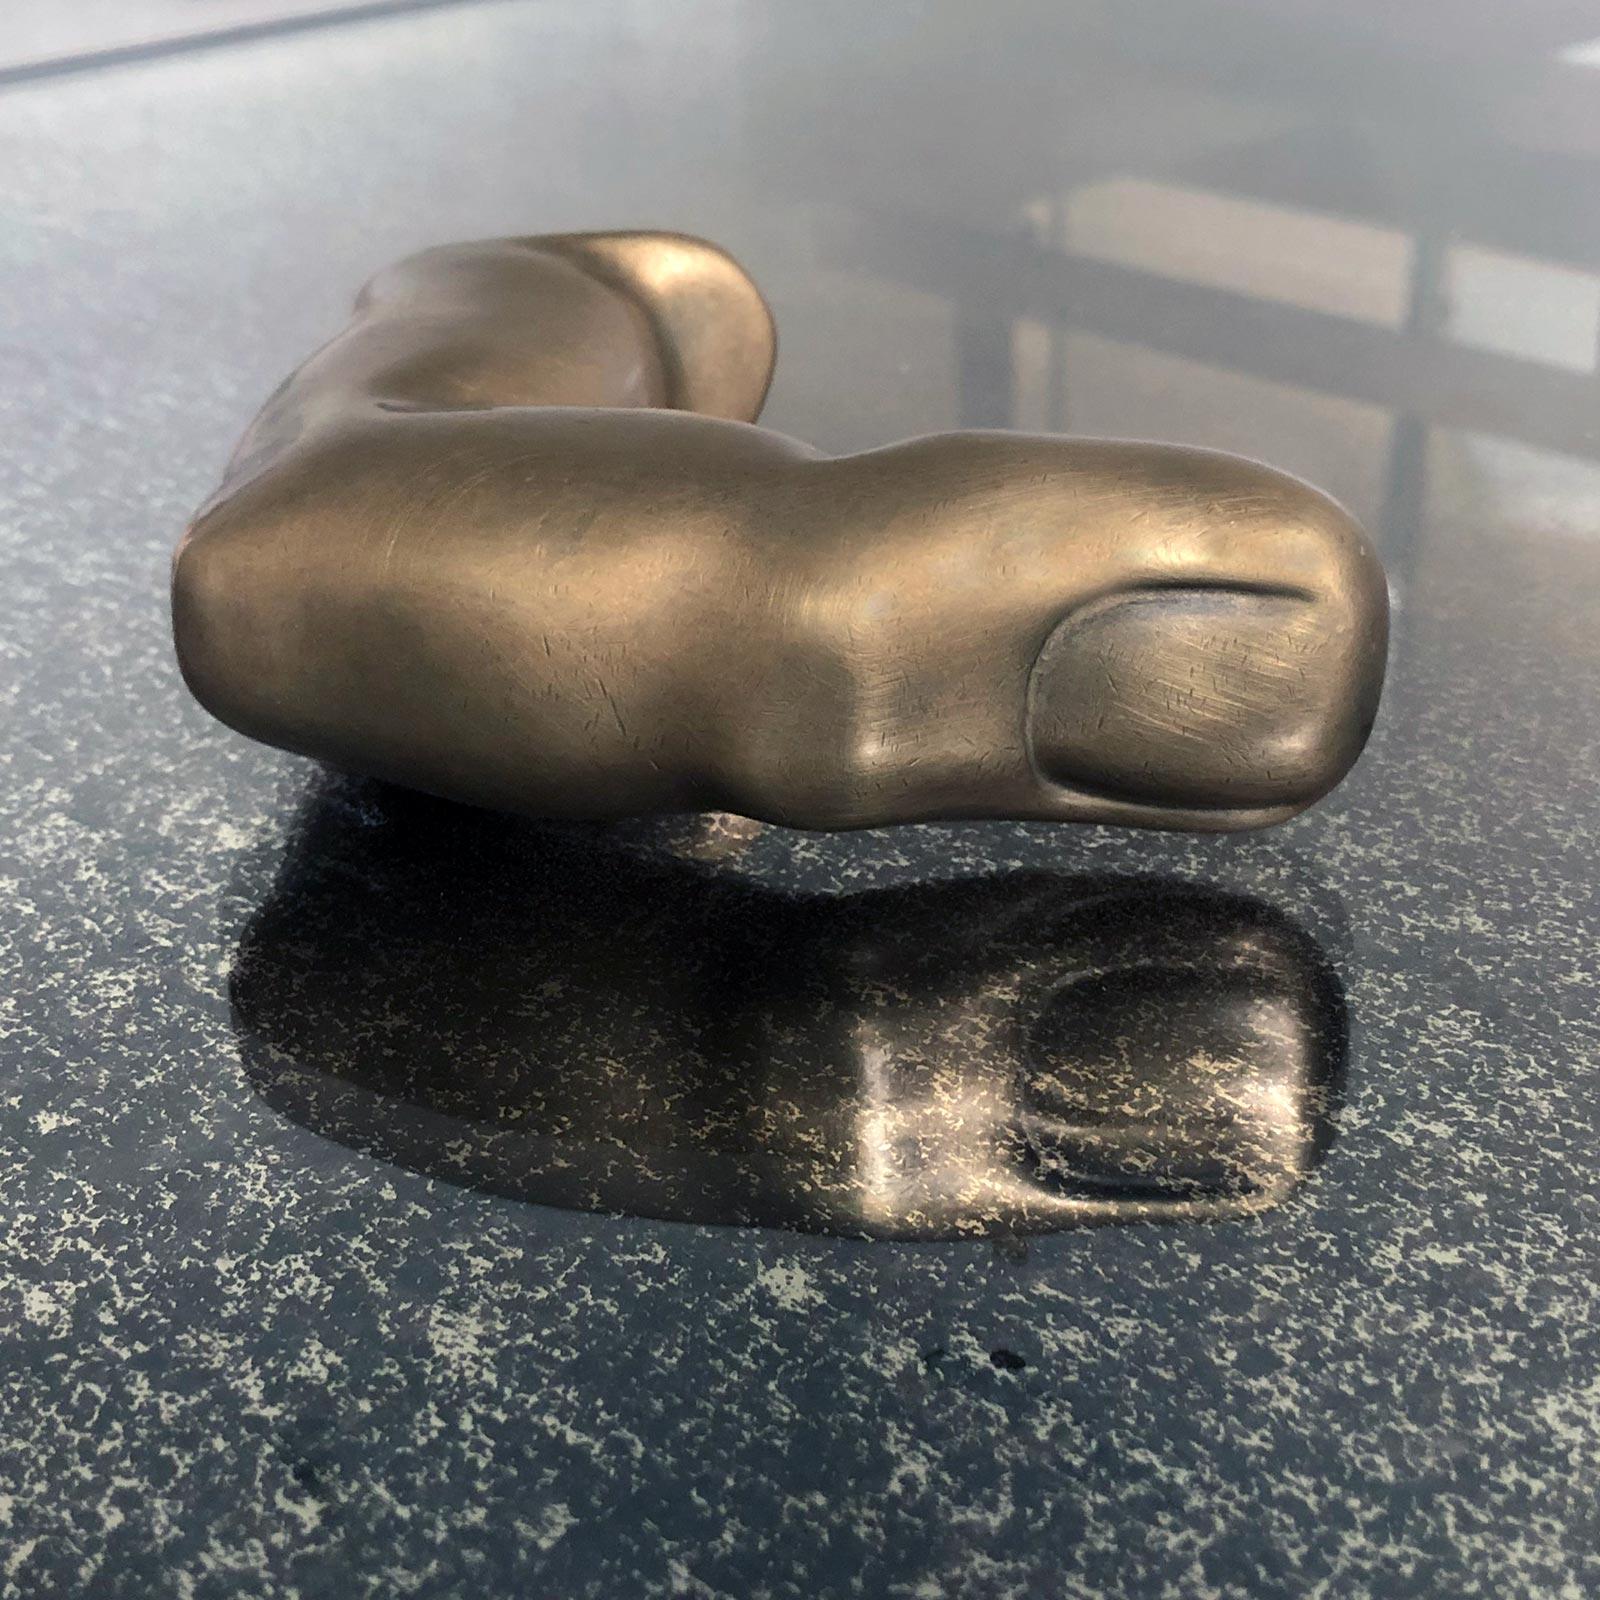 maniglia-dito-david-studio17-caterina-sbrana-gabriele-mallegni-0